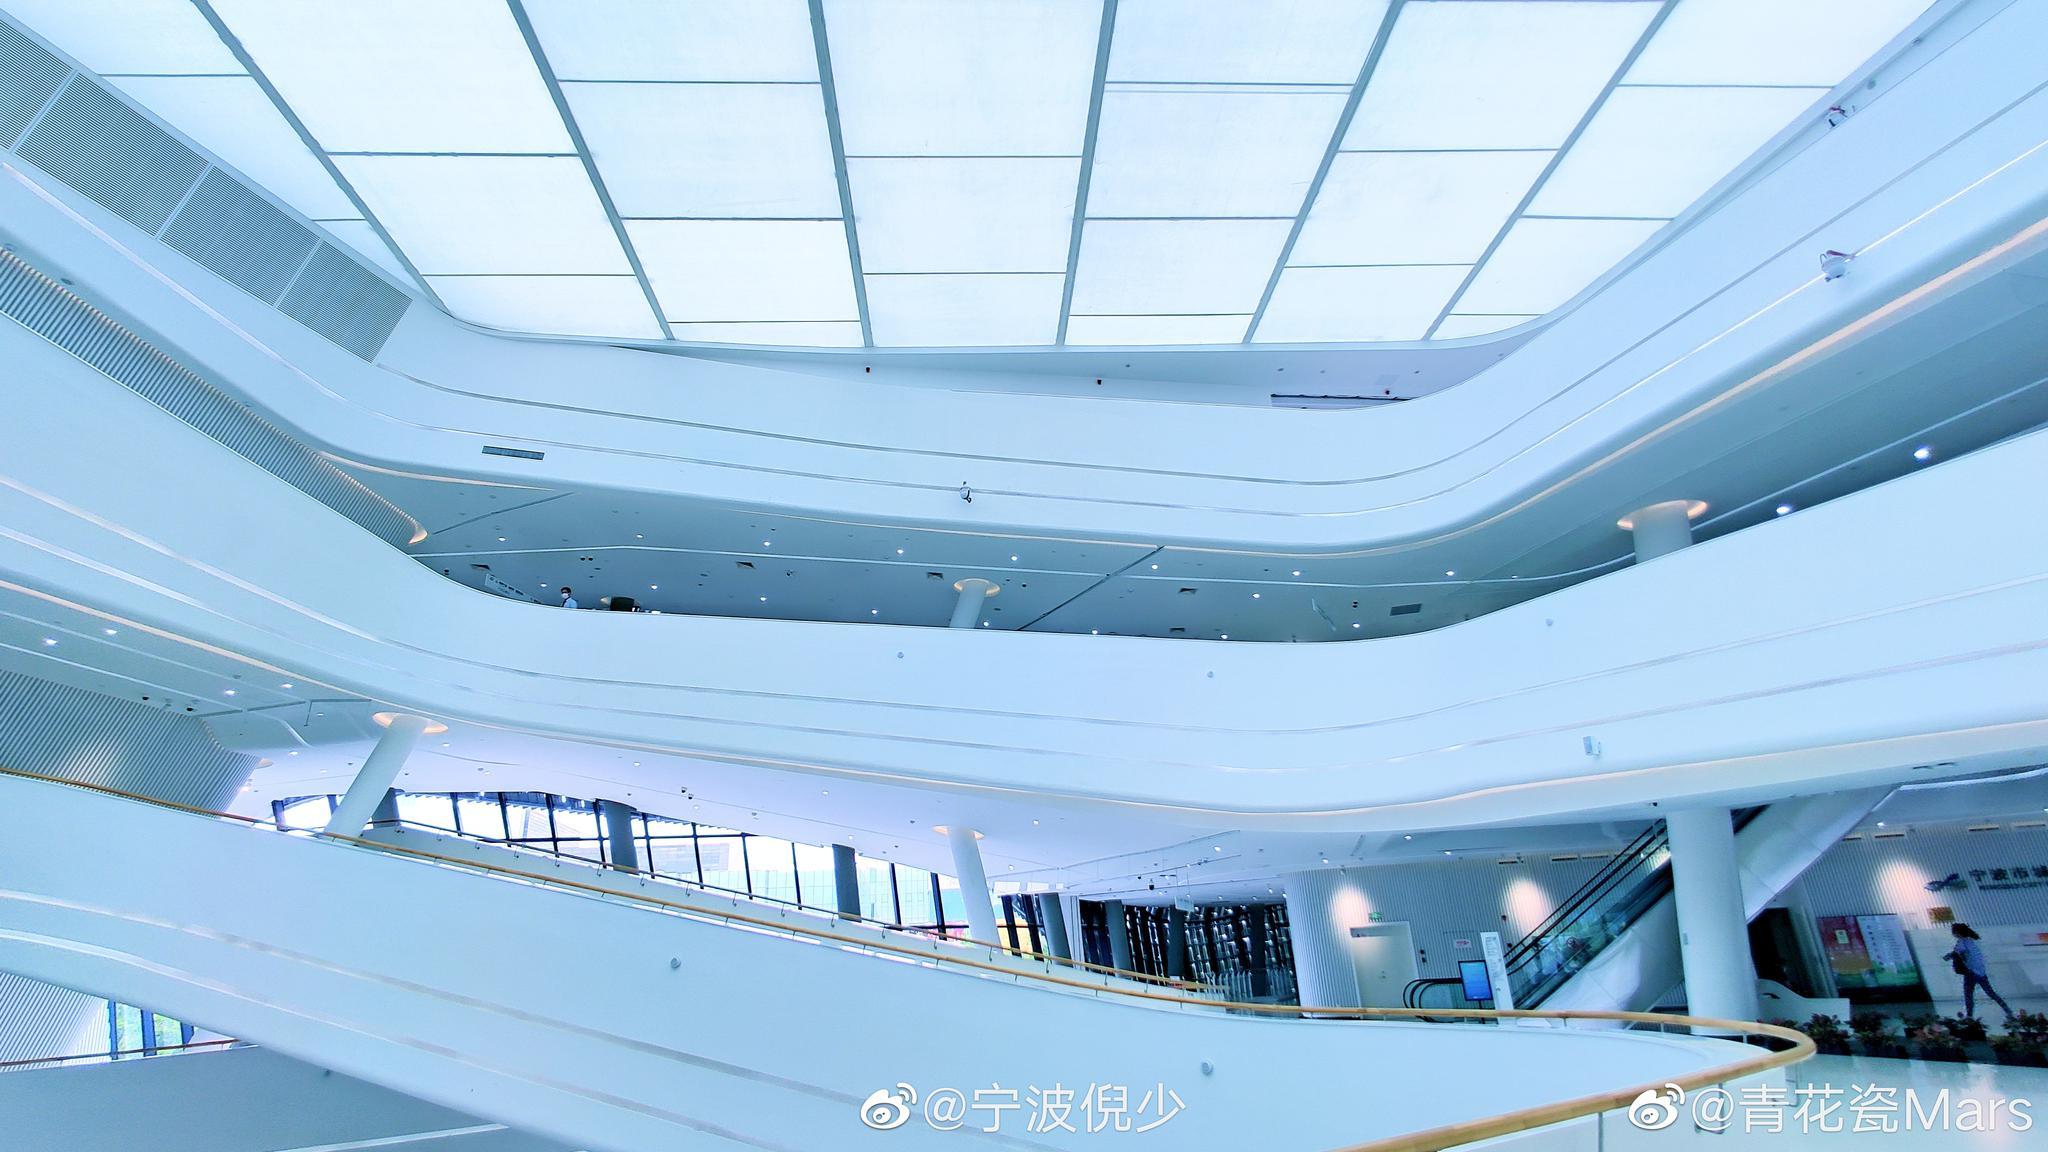 @青花瓷Mars 投稿:宁波城市展览馆